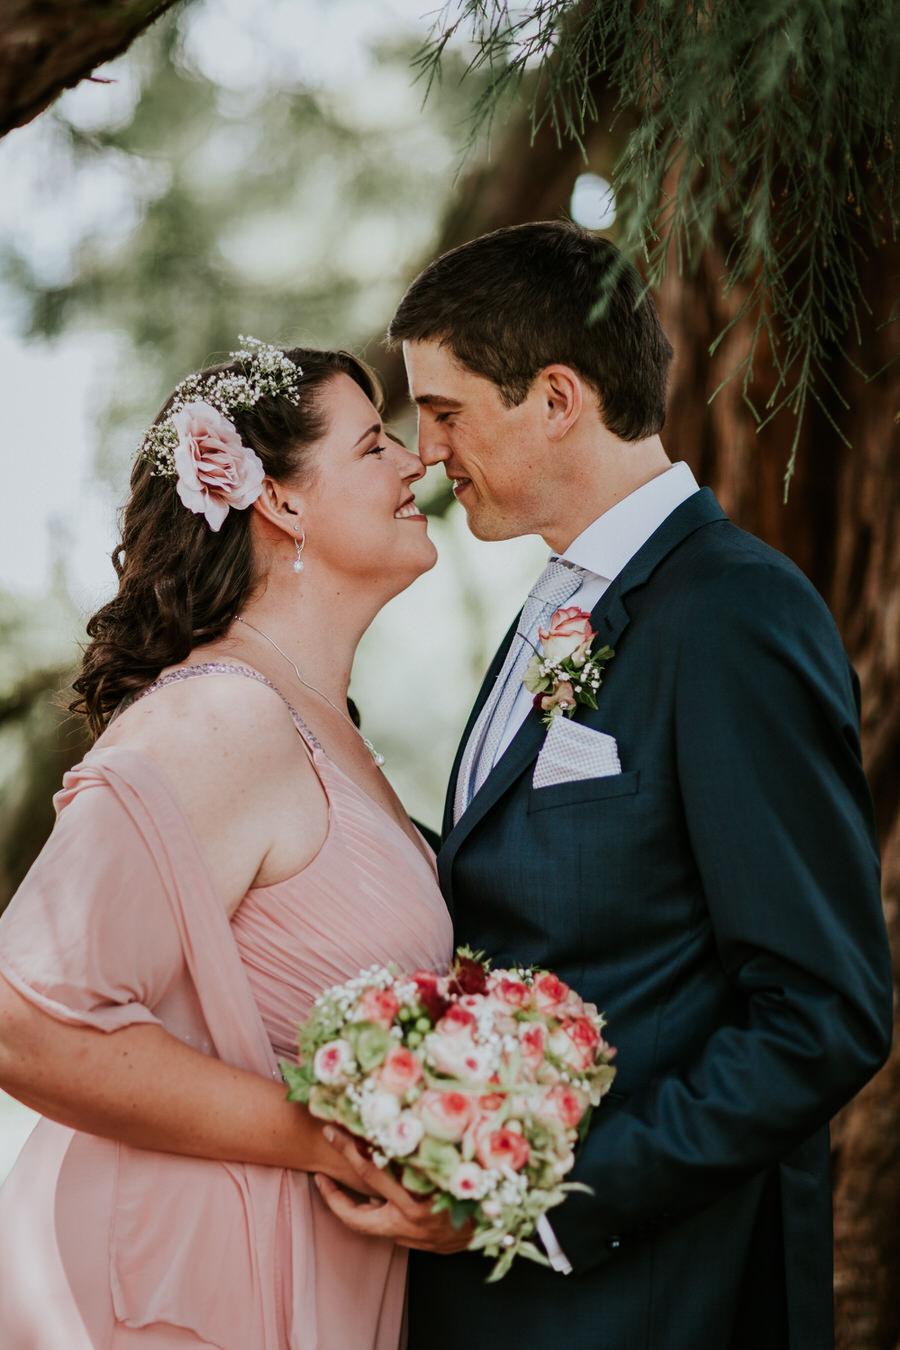 Brautpaar schaut unter dem Mammutbaum zueinander